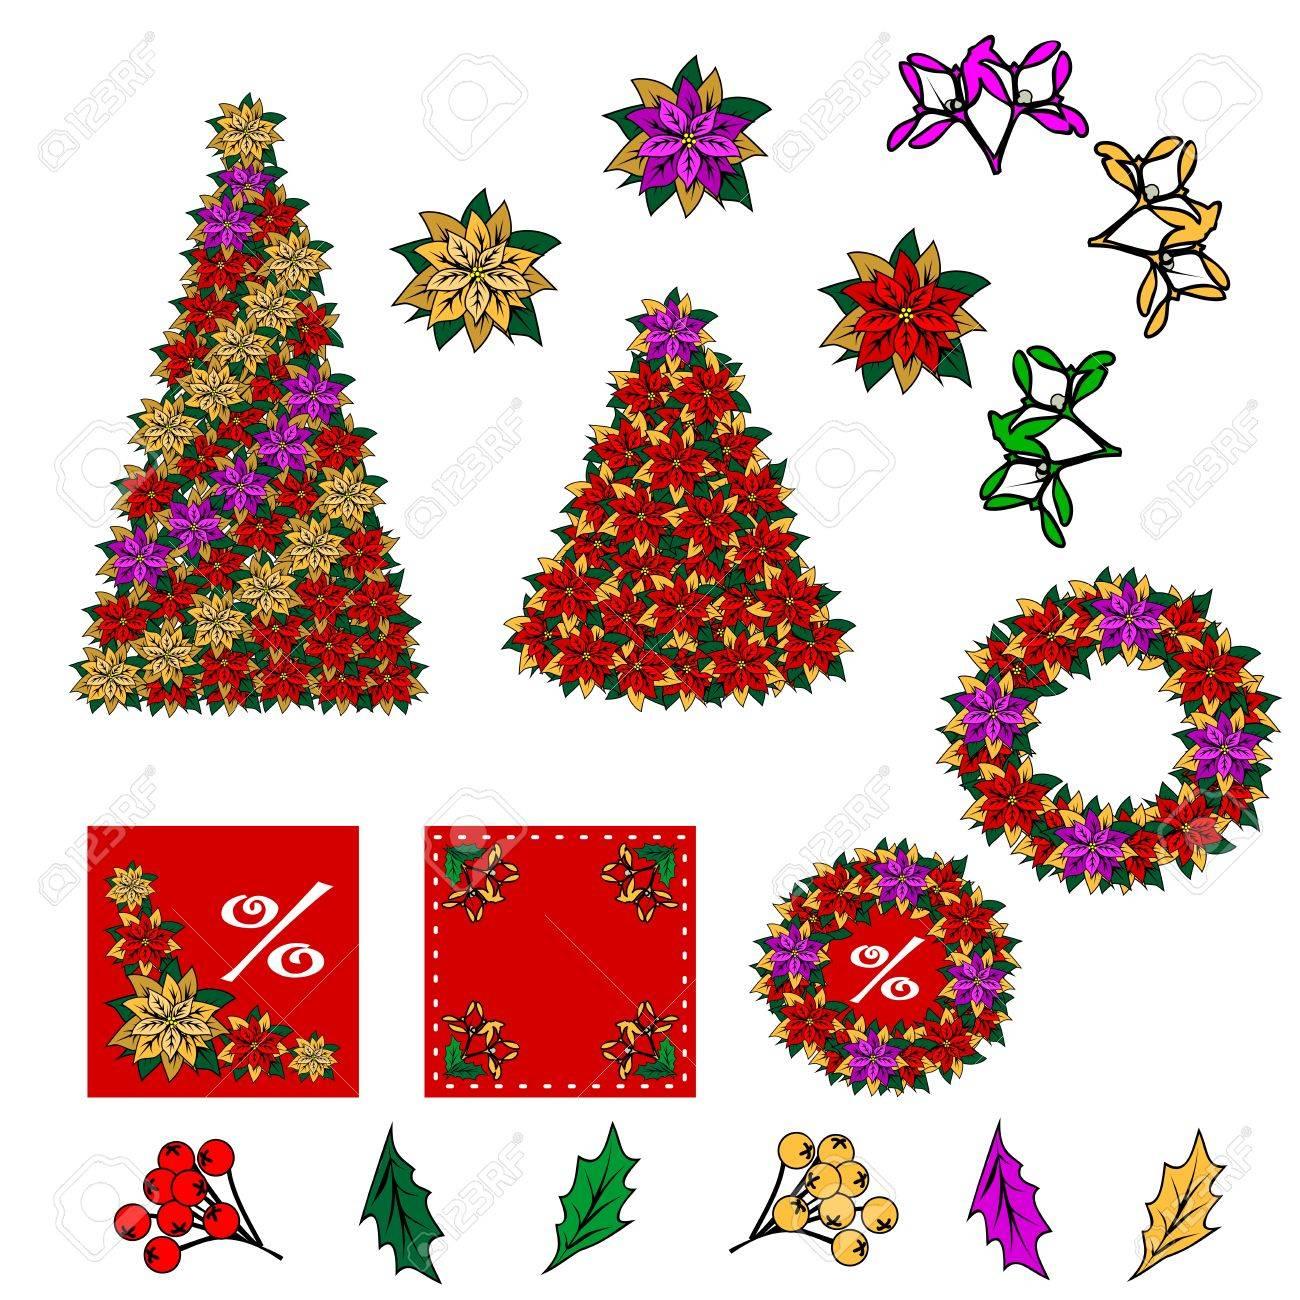 Disegni Di Natale Vettoriali.Raccolta Di Immagini Di Natale Disegni Di Natale E Possibile Creare Il Proprio Biglietto Di Natale Dei Componenti Aggiunti Stella Fiore Di Natale